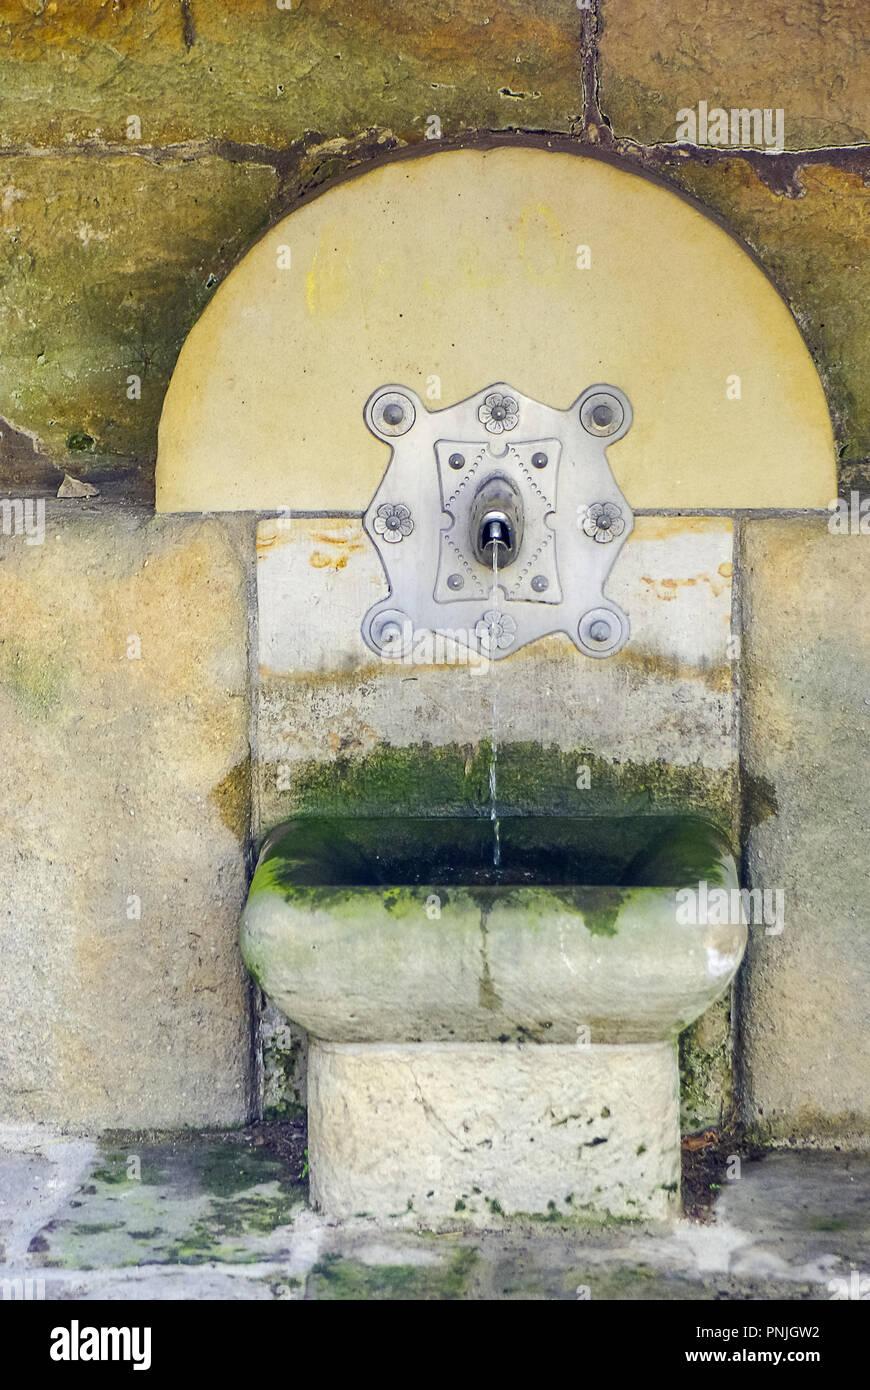 Kleine öffentliche Brunnen, Koenigstein, Elbsandsteingebirge, Sachsen. Stockfoto